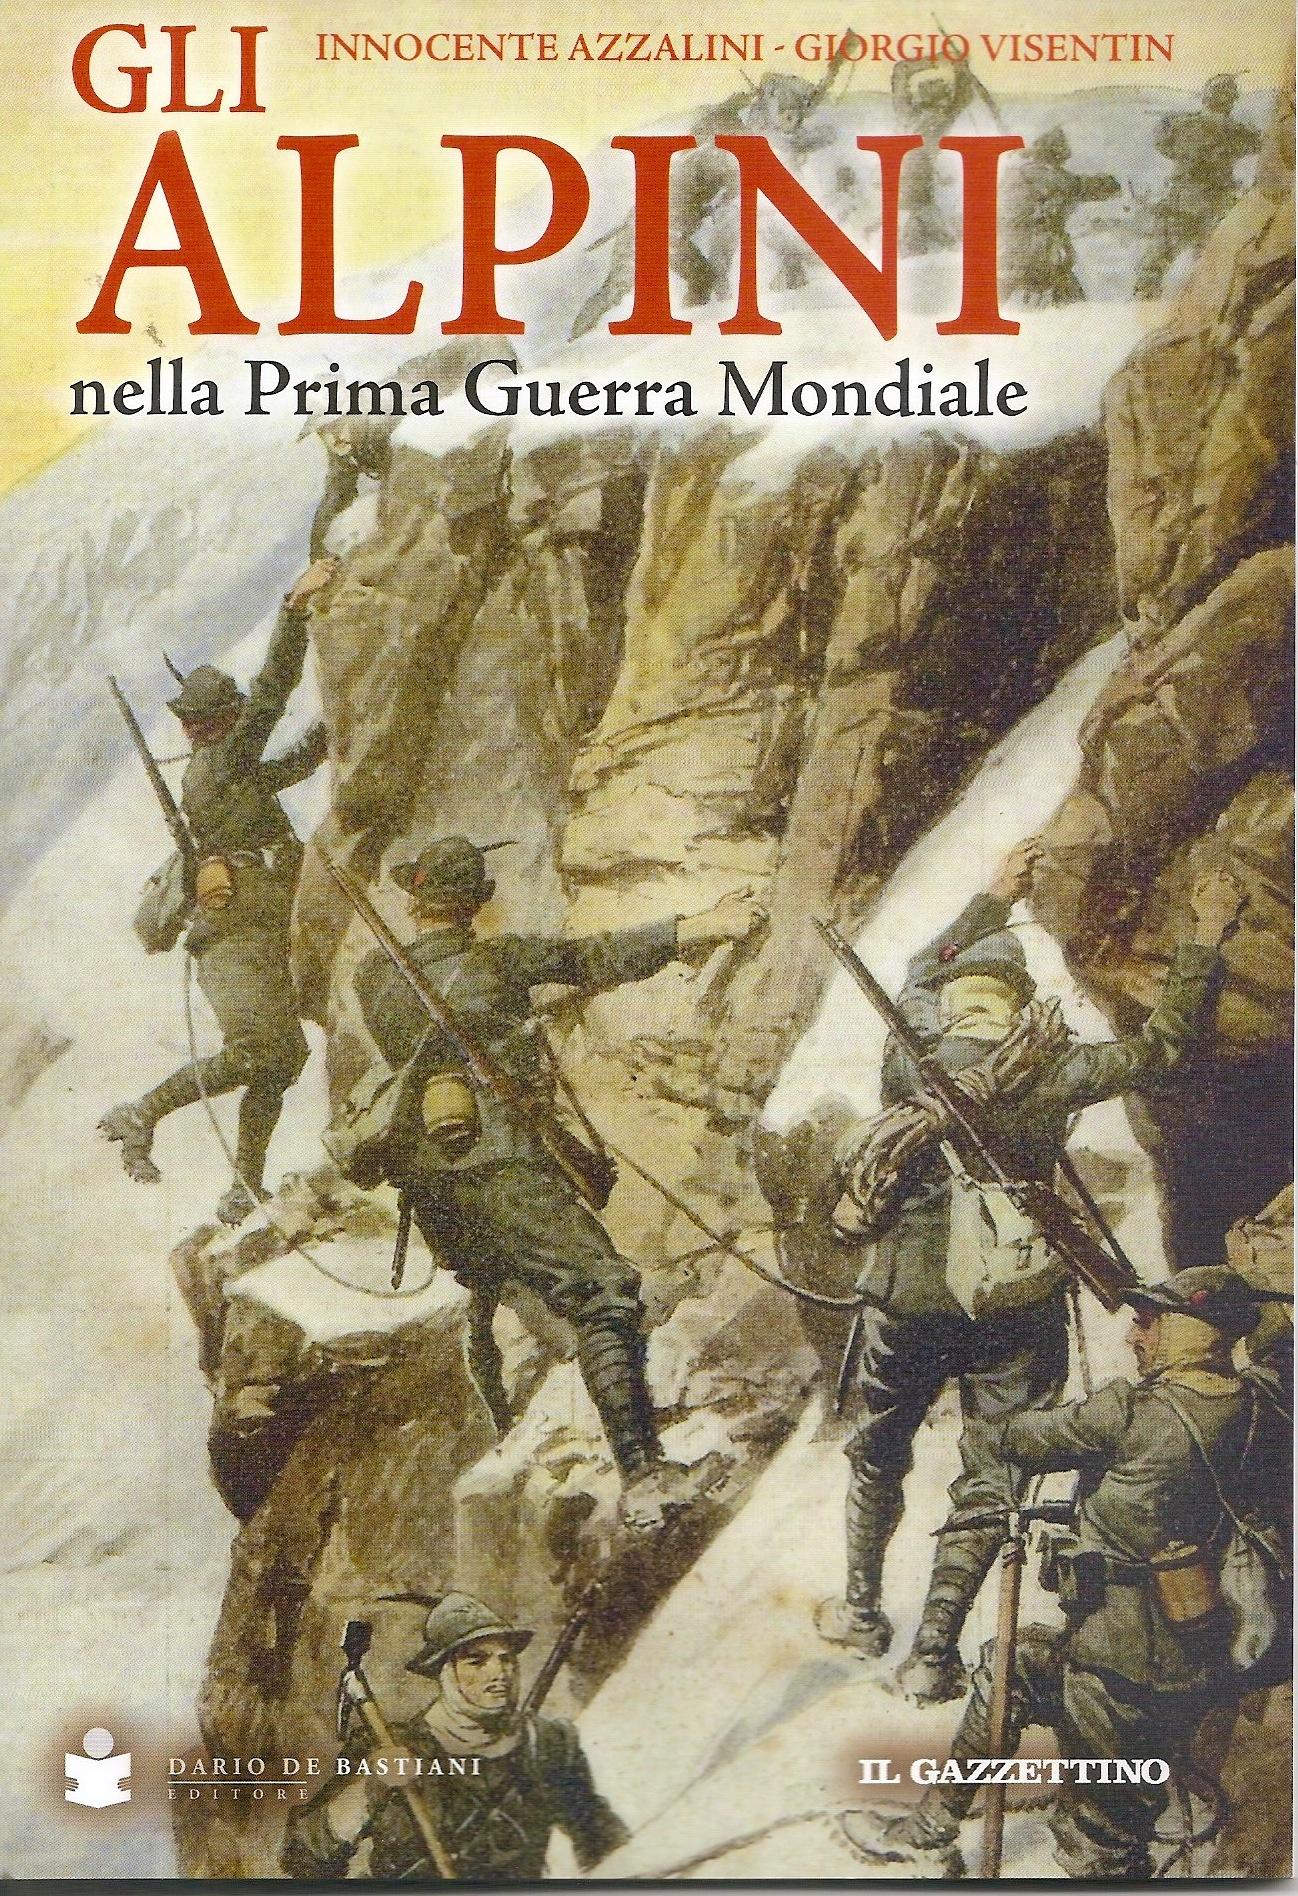 Gli Alpini nella Prima Guerra Mondiale